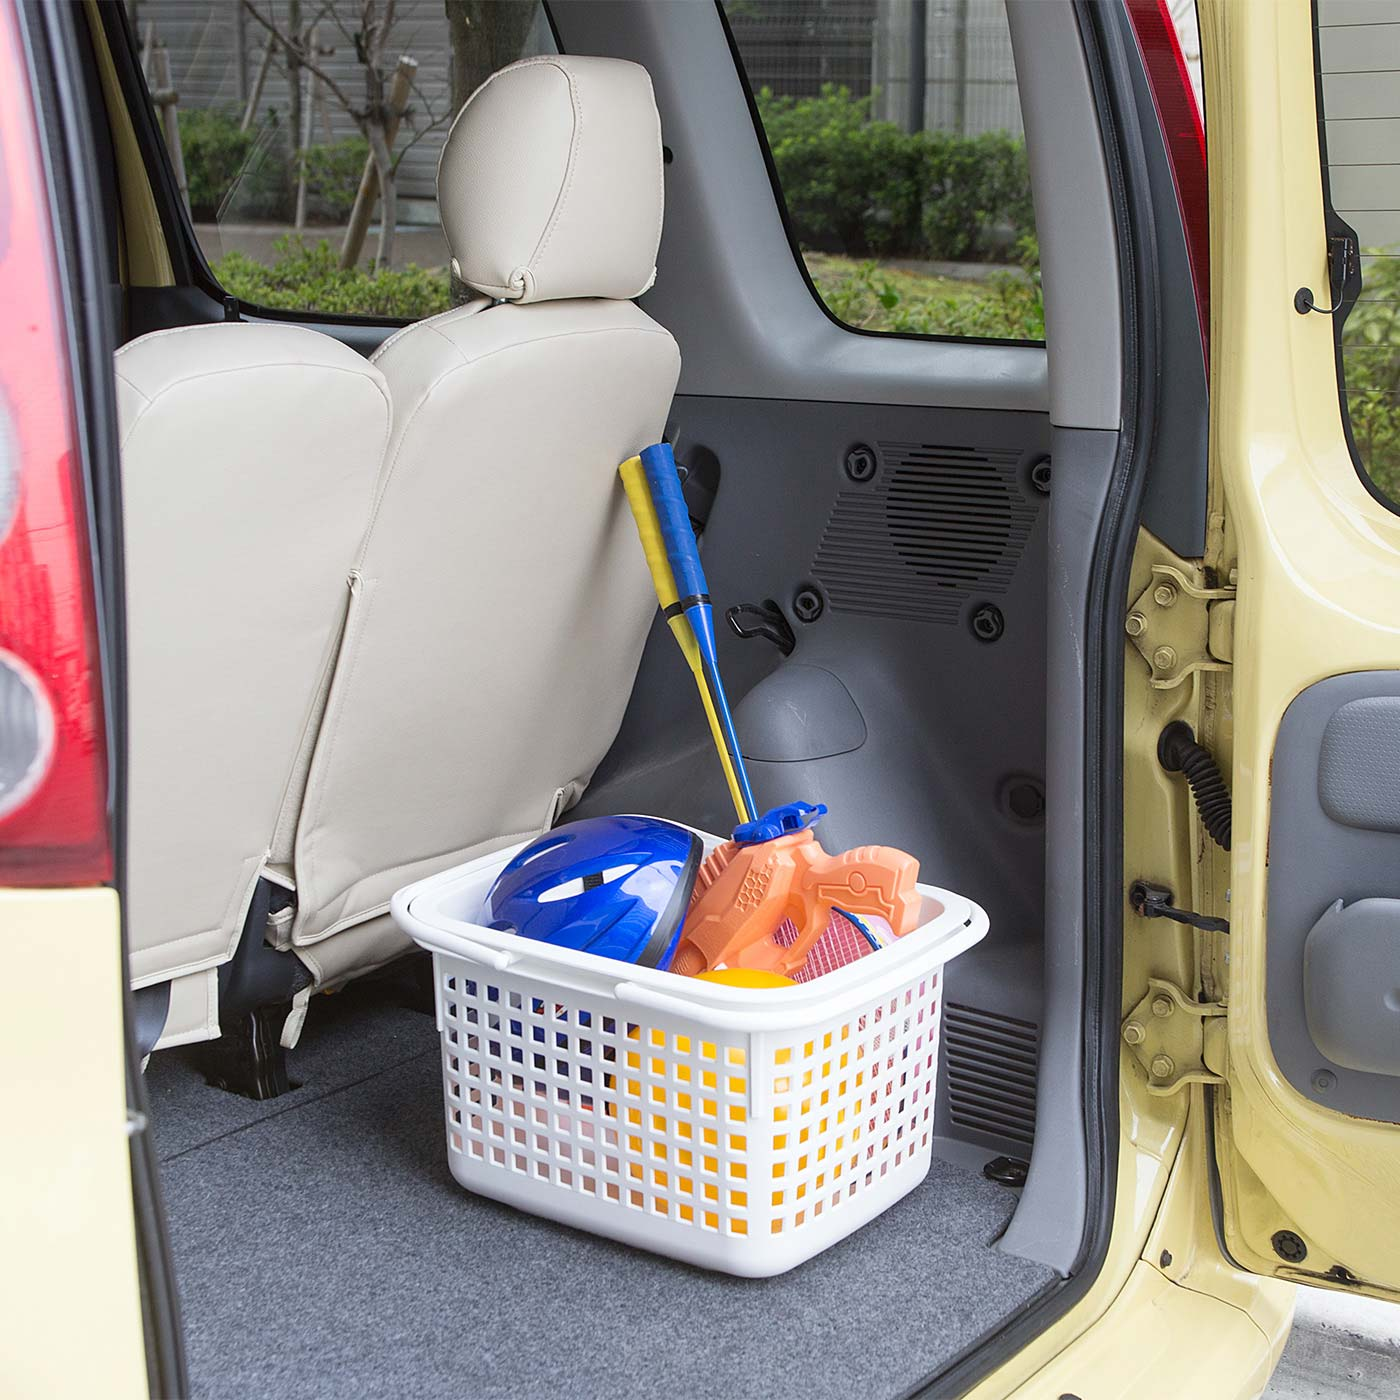 アウトドアグッズを入れて車での持ち運びにも便利。